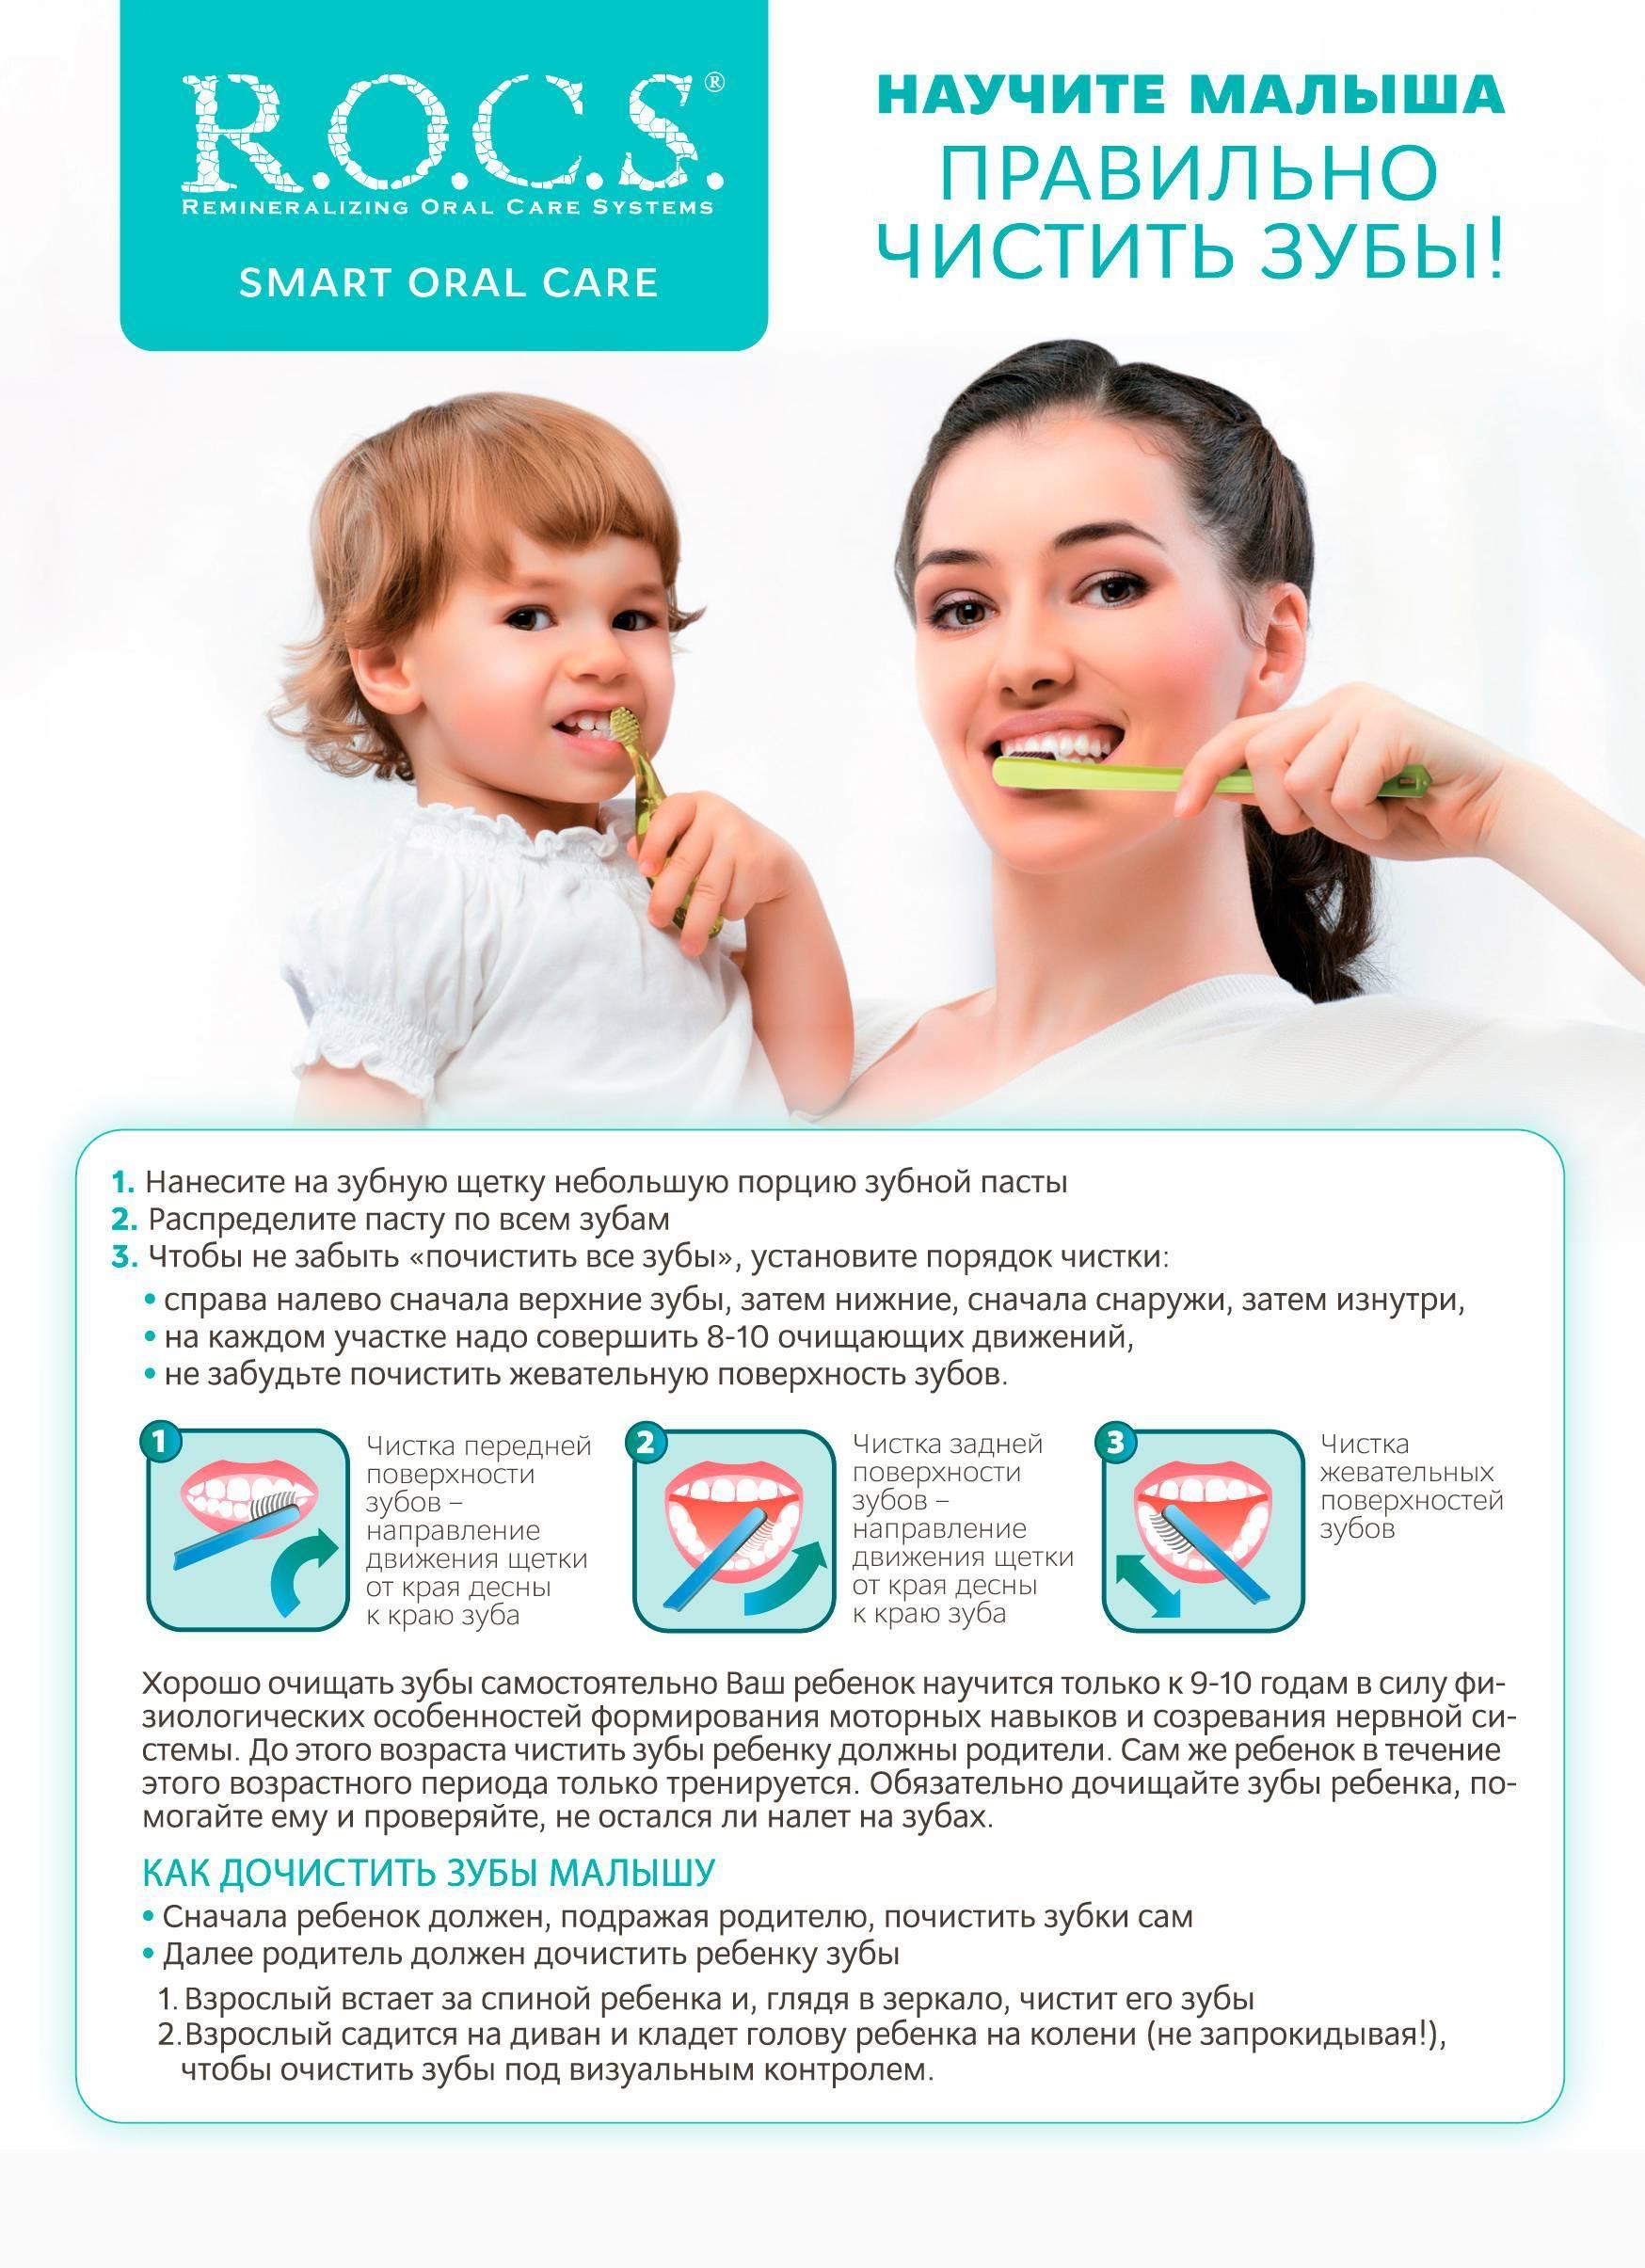 Уход за первыми зубами детей: приучаем ребёнка к гигиене полости рта